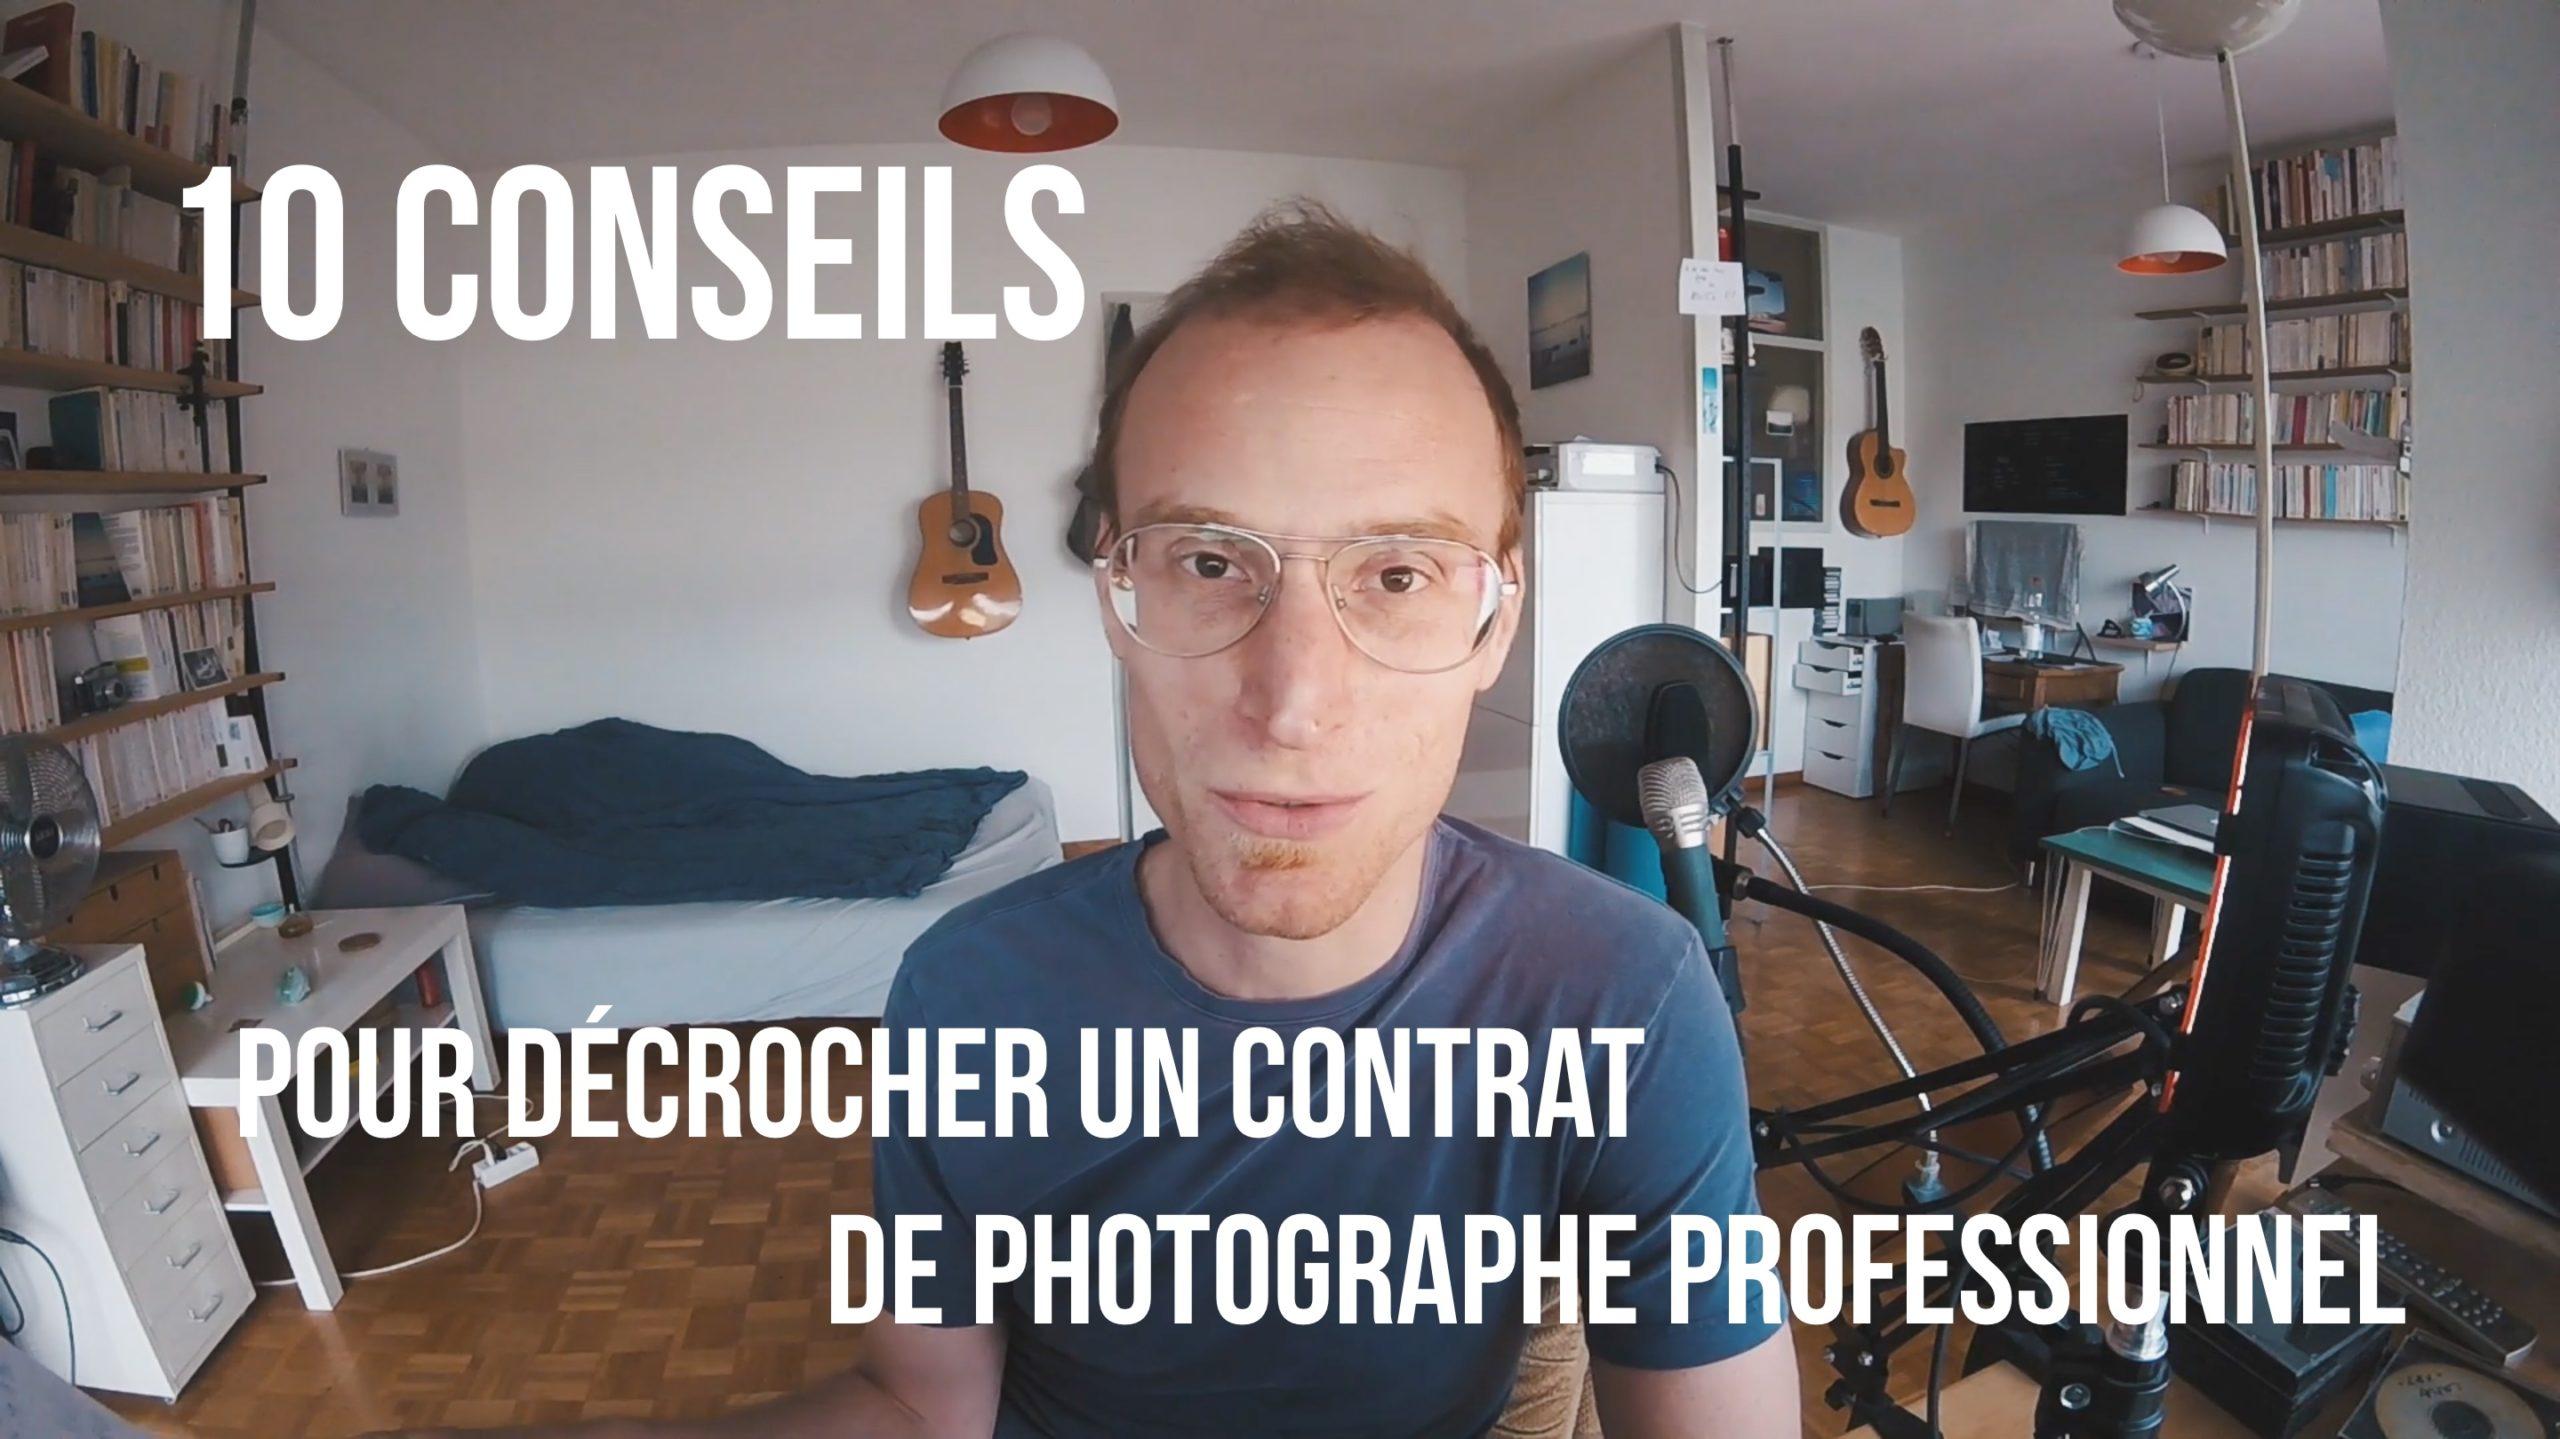 10 conseils contrat photographe professionnel